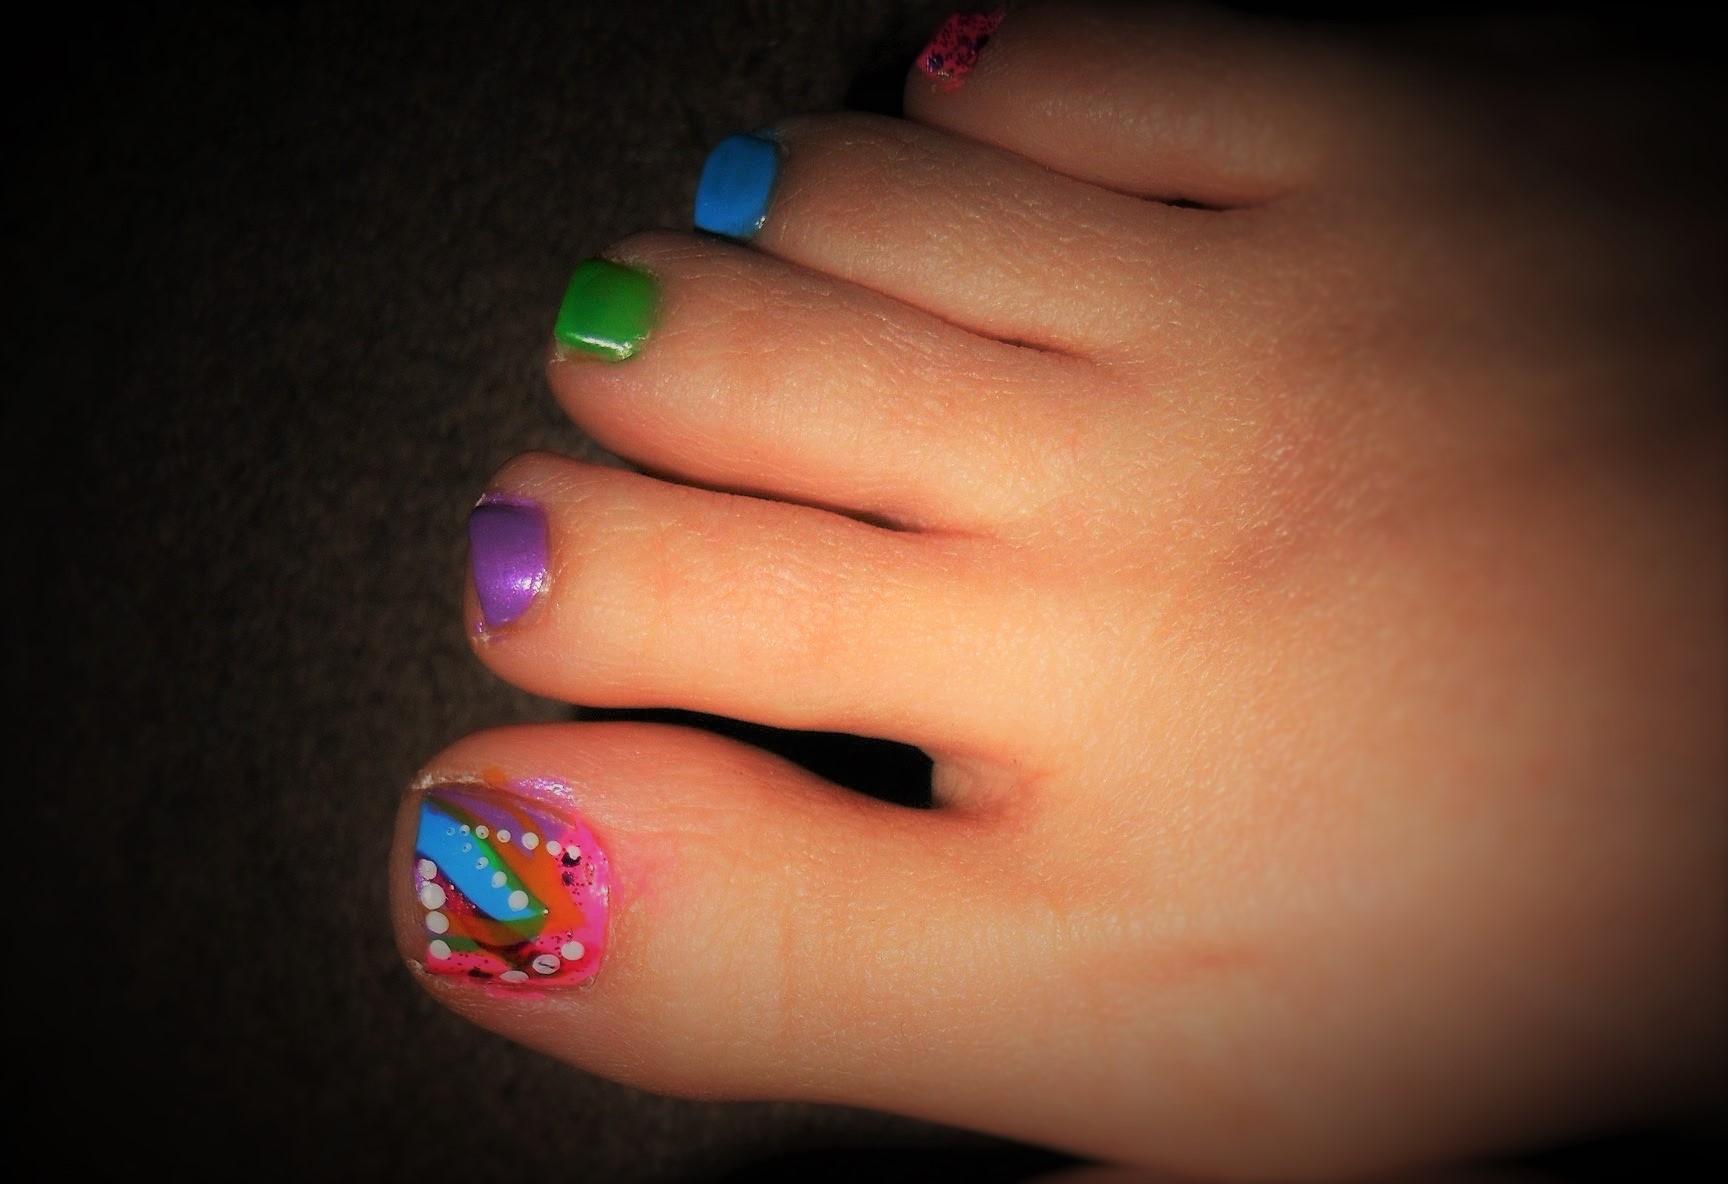 Modelos de u as para pies estilos y dise os para todos - Unas modelos para pintar ...